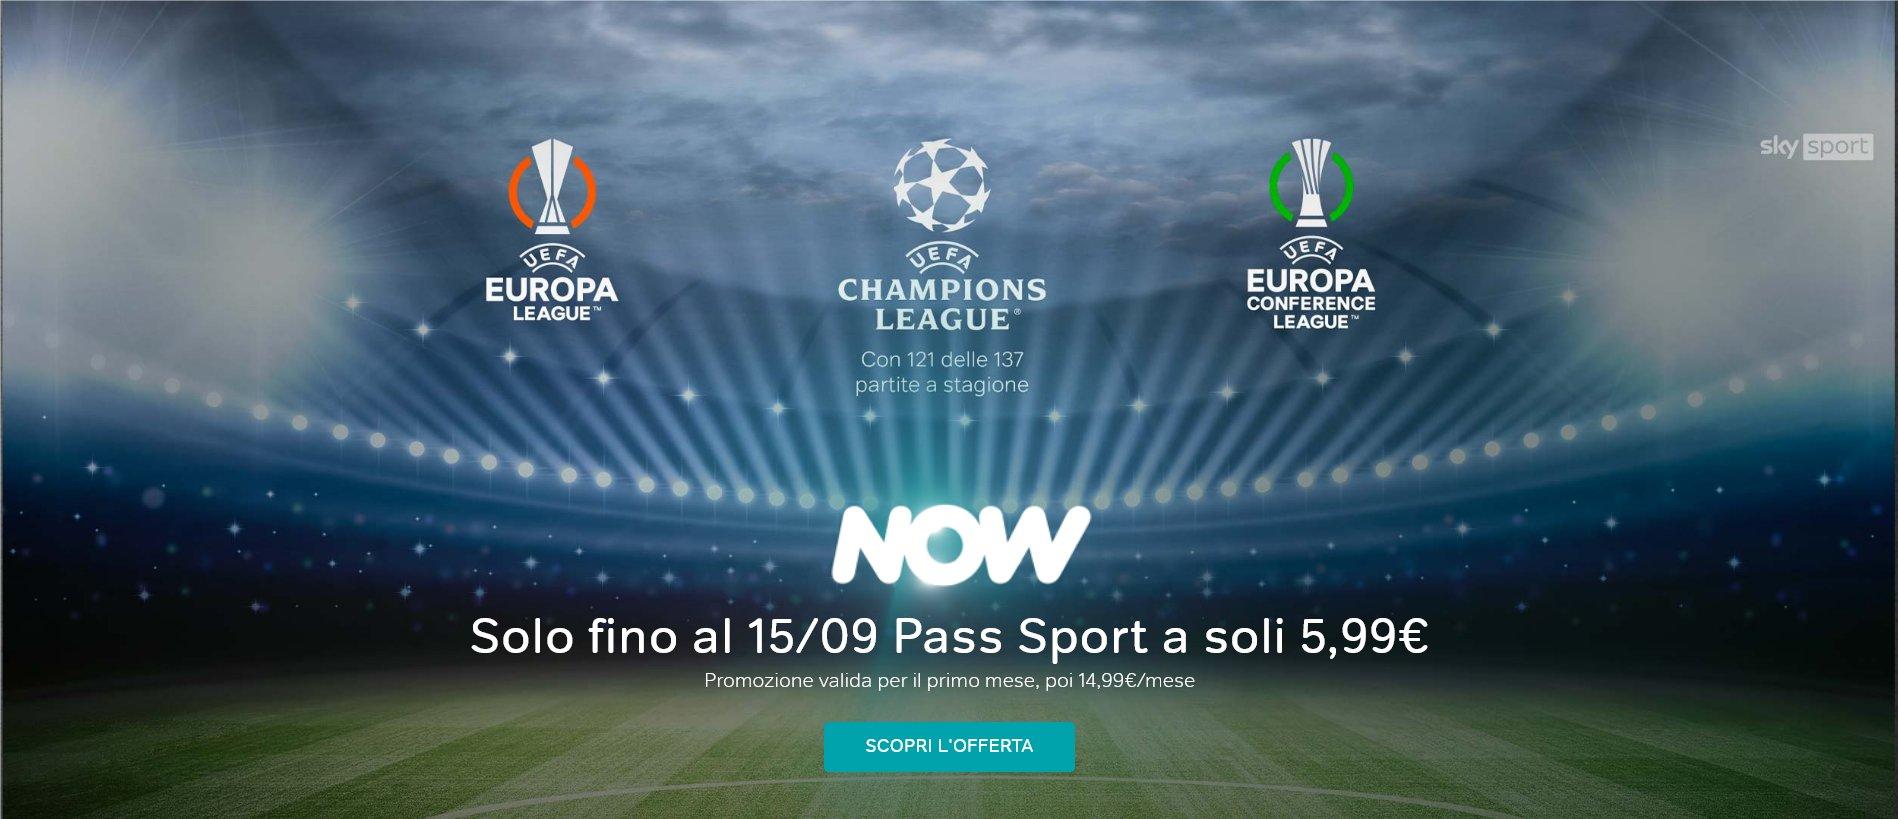 Torna su NOW la Champions, Pass Sport a 5,99€ per il primo mese (attivabile fino al 15/9)